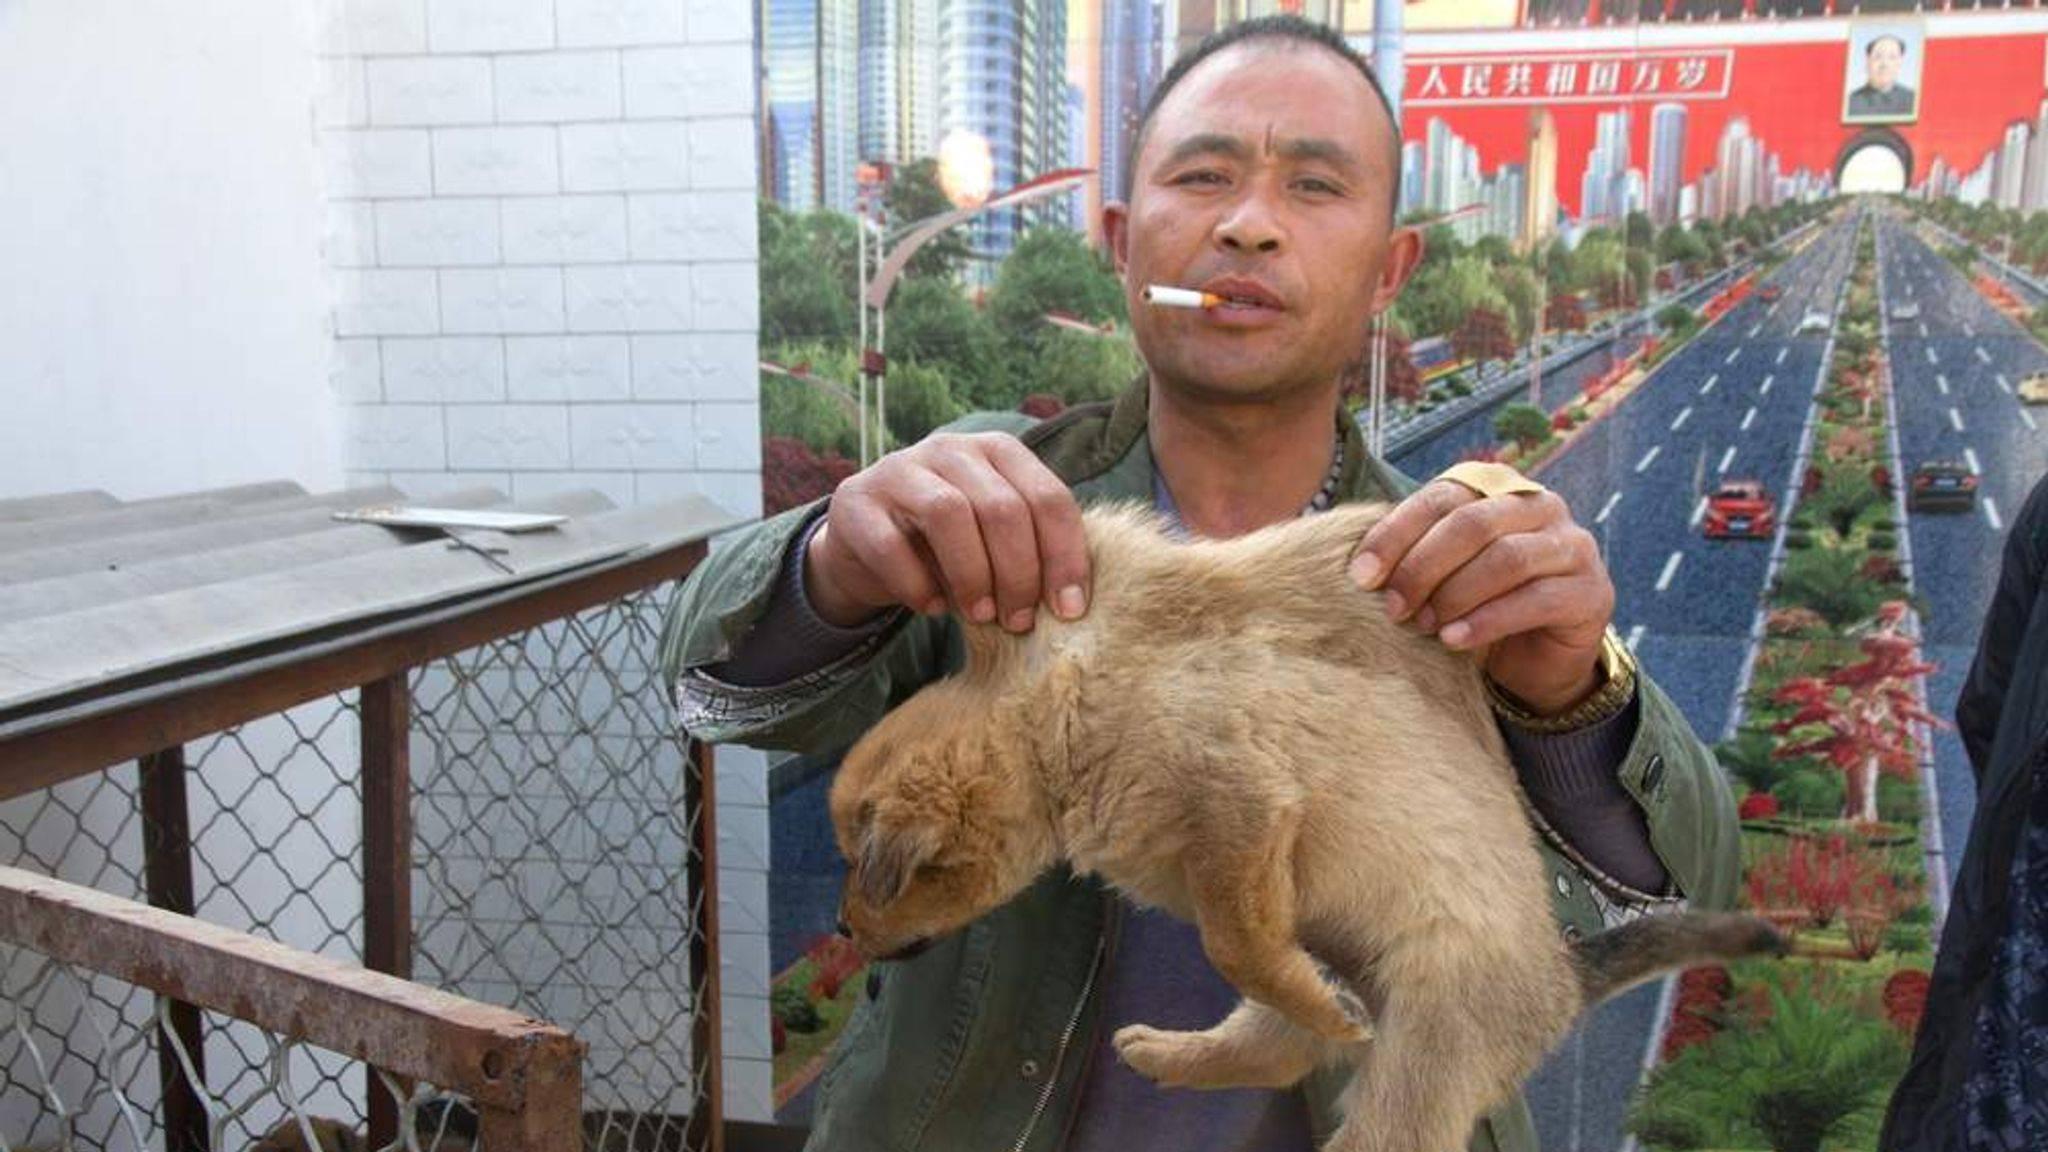 Китайцы нюхают котов: зачем и почему они это делают, чем опасно такое развлечение